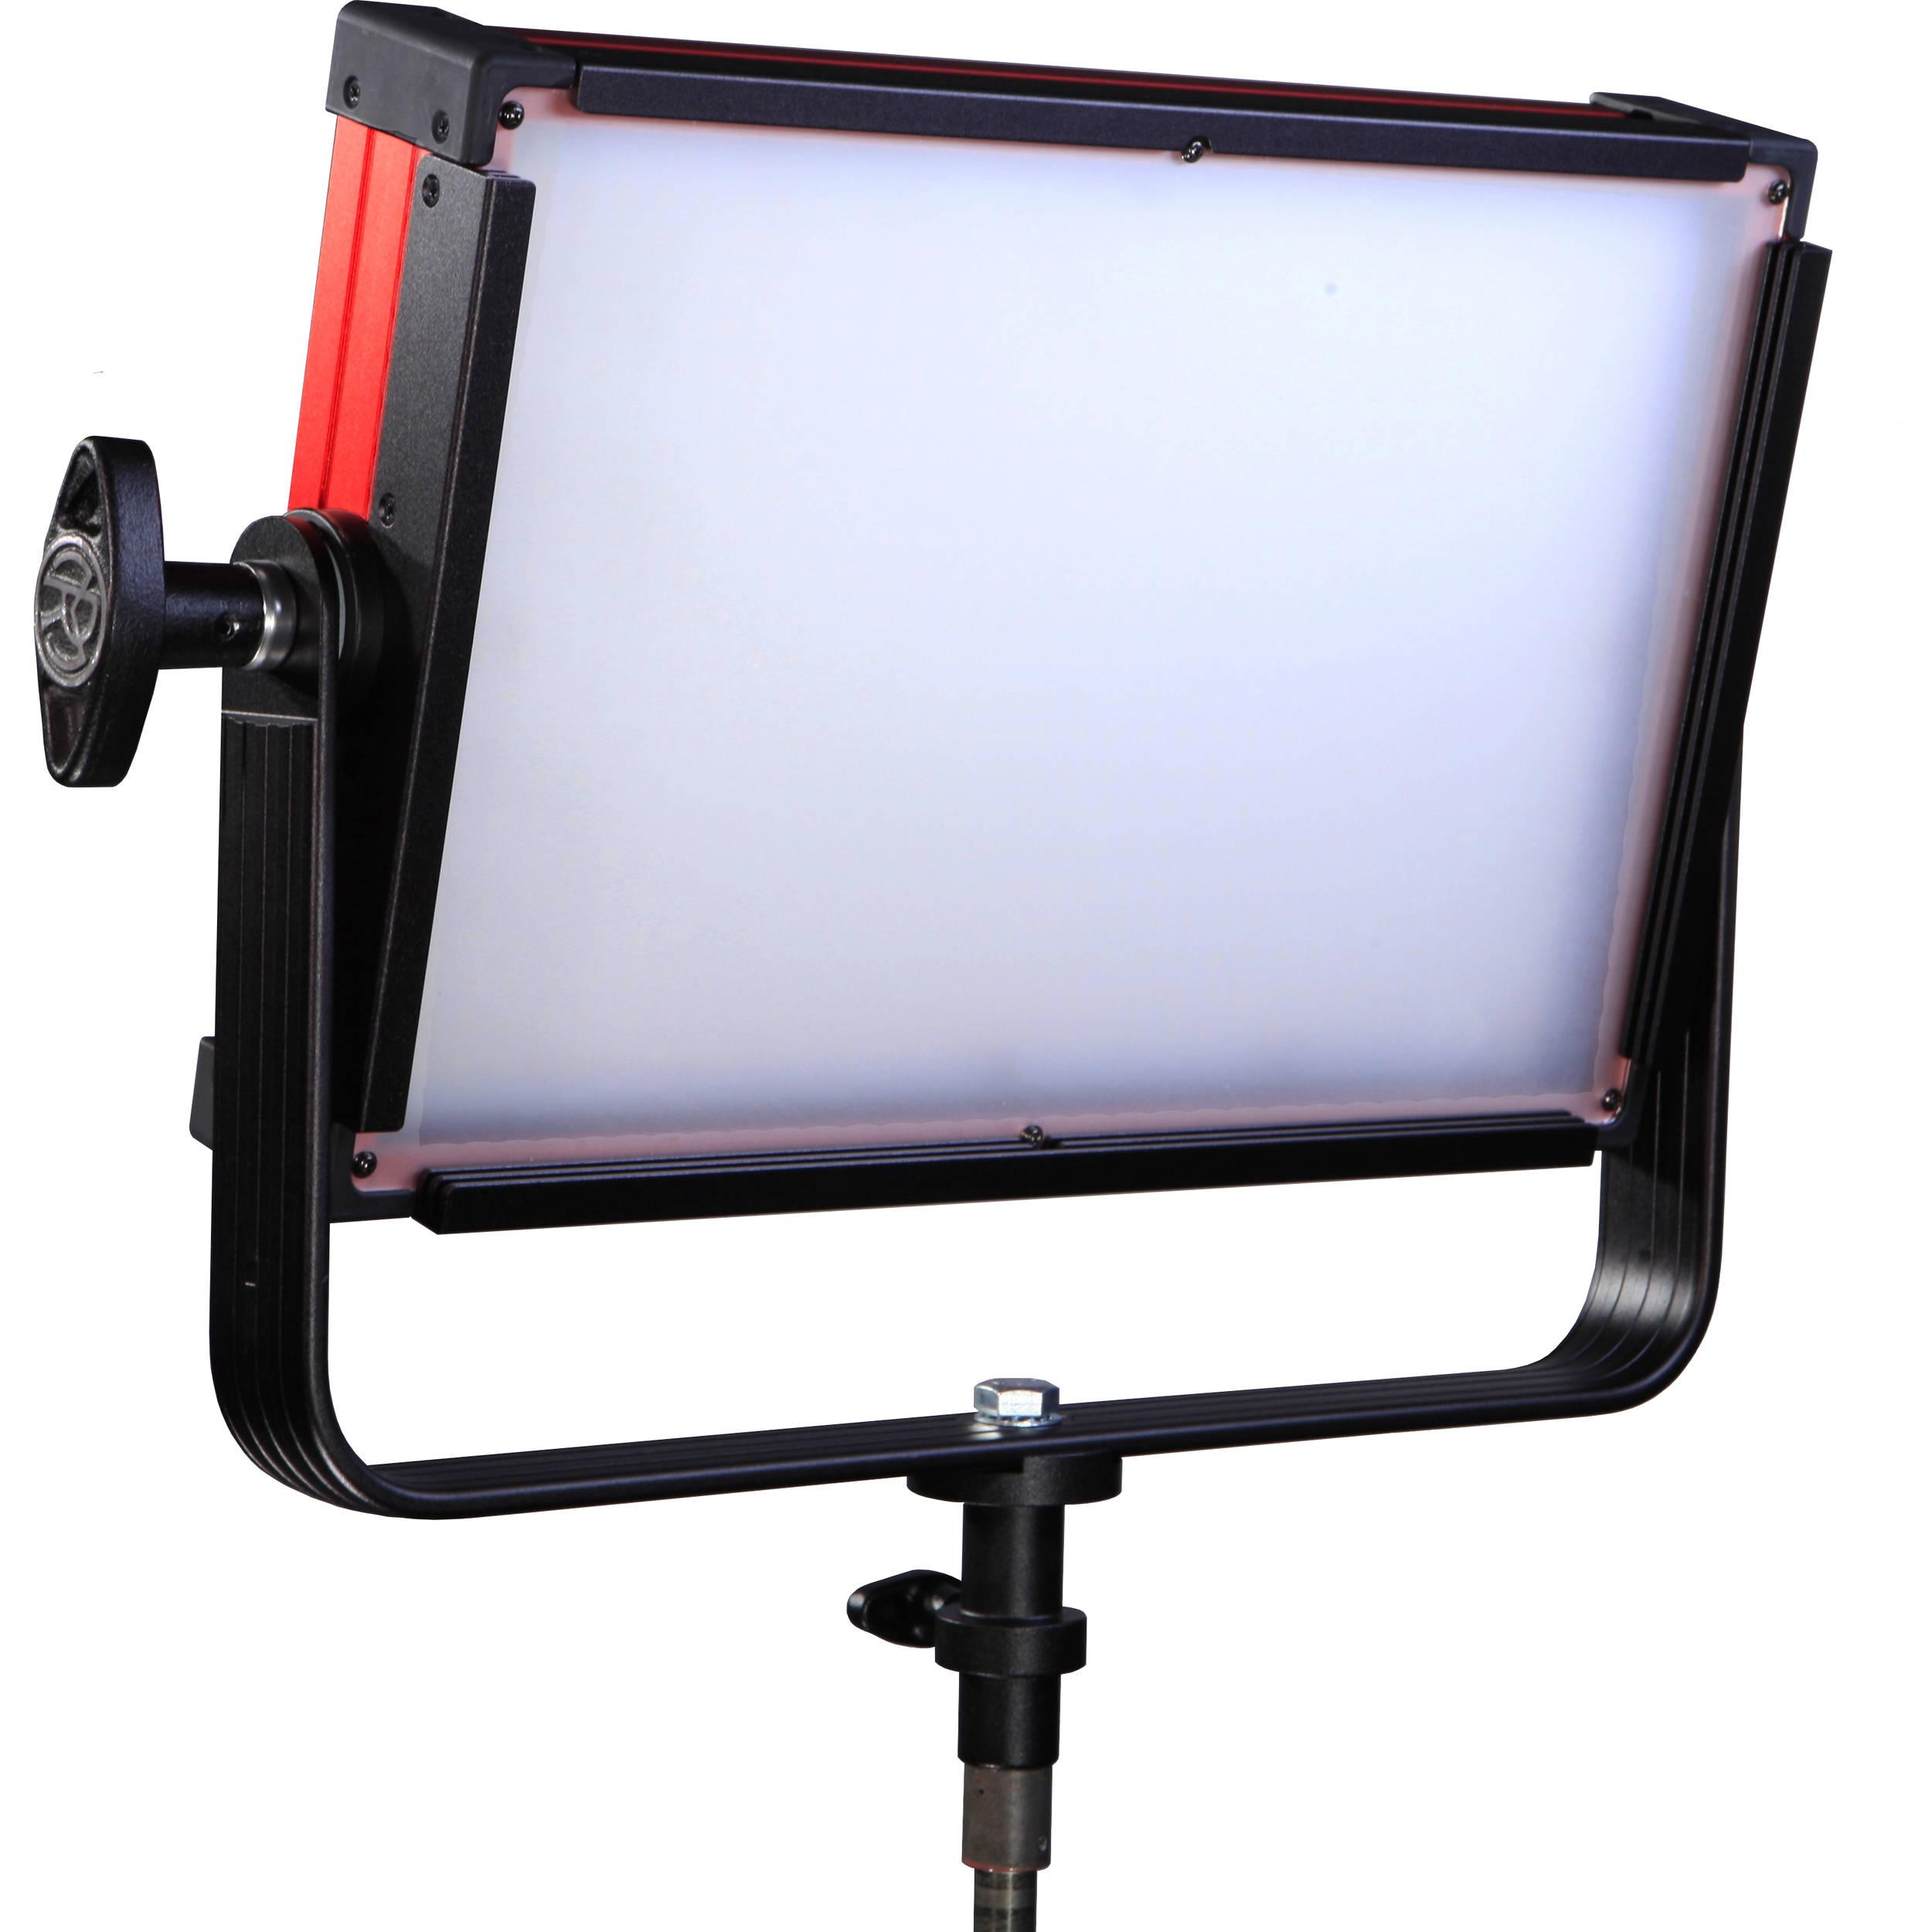 Mole Richardson Zip Light: Mole-Richardson Vari-Panel LED Light 9801 B&H Photo Video